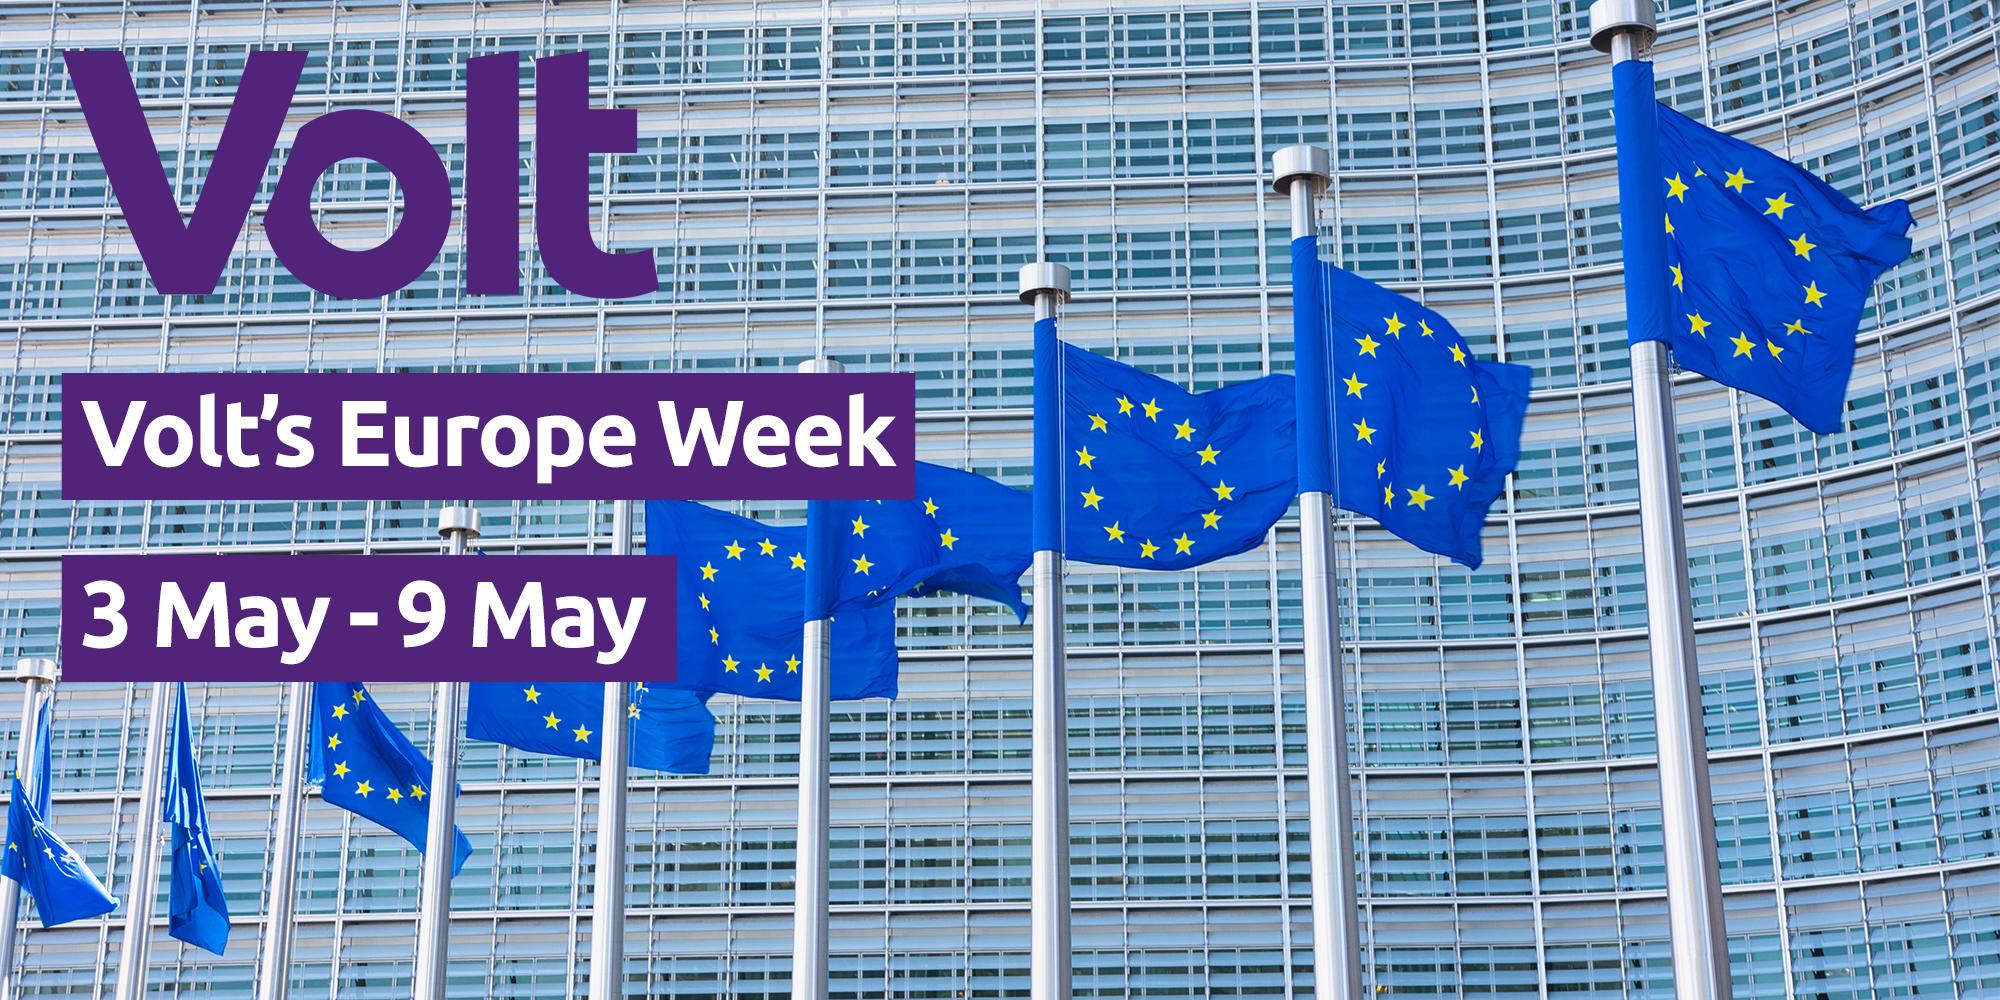 Volt's Europe Week